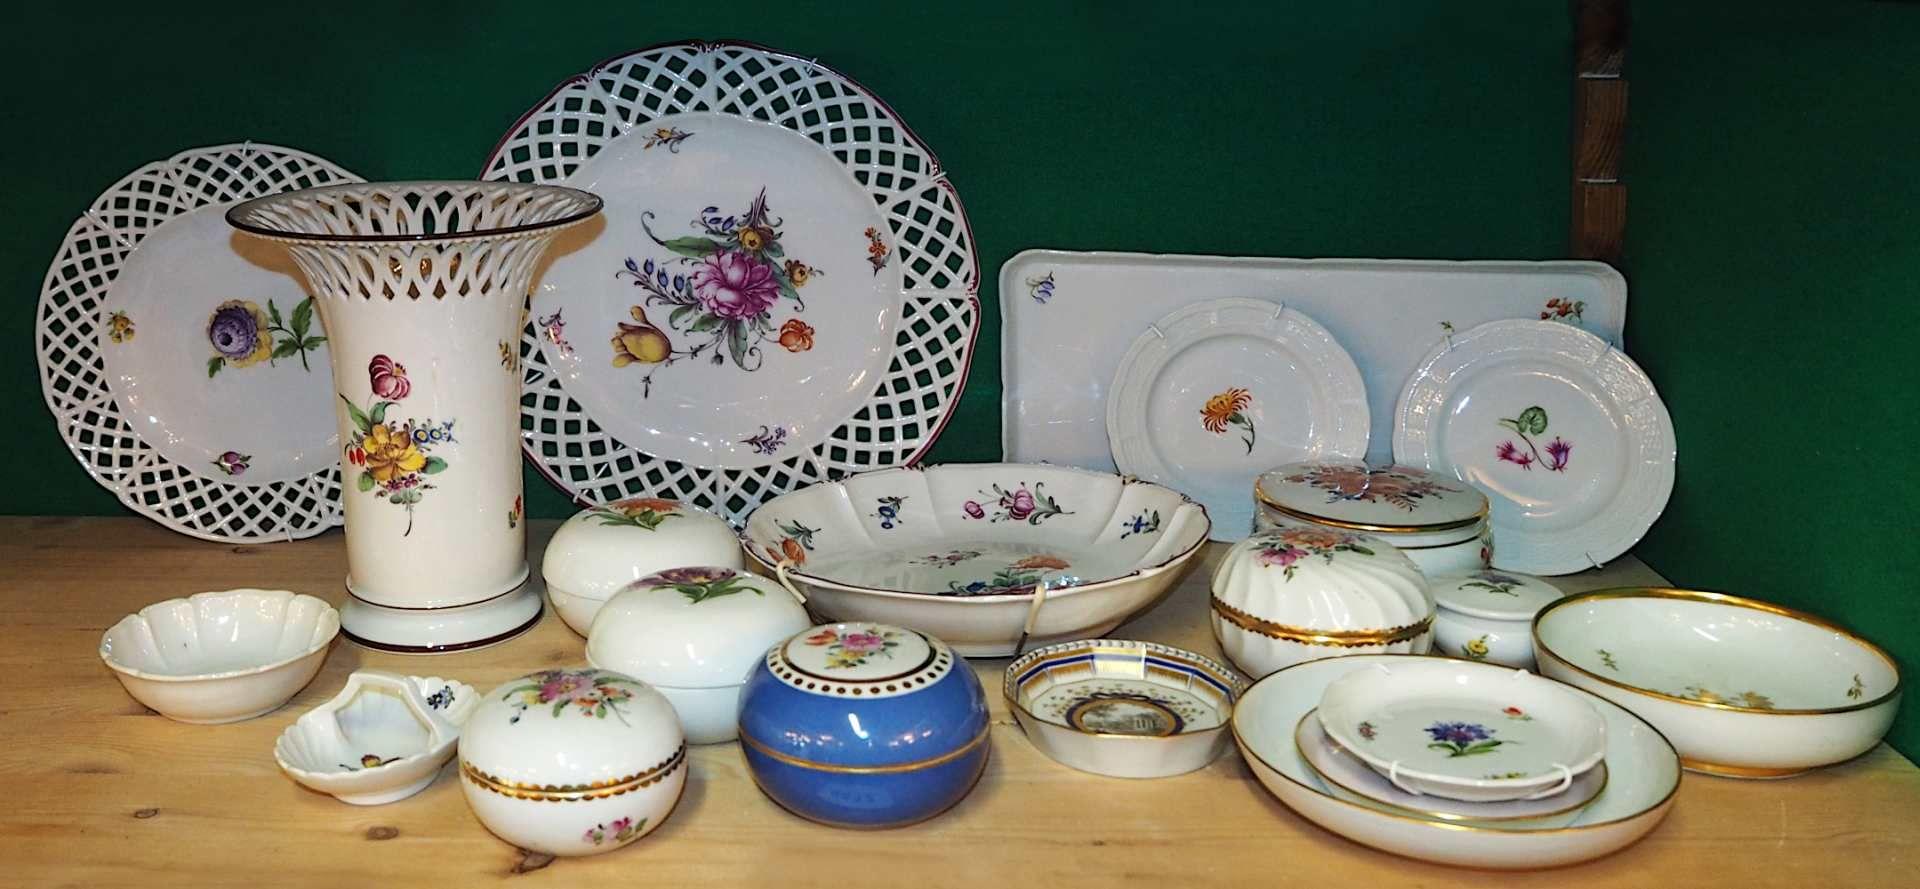 1 Konv. Porzellan NYMPHENBURG, versch. Serien und Muster vor allem weiß mit Blumendekor <br - Bild 3 aus 3